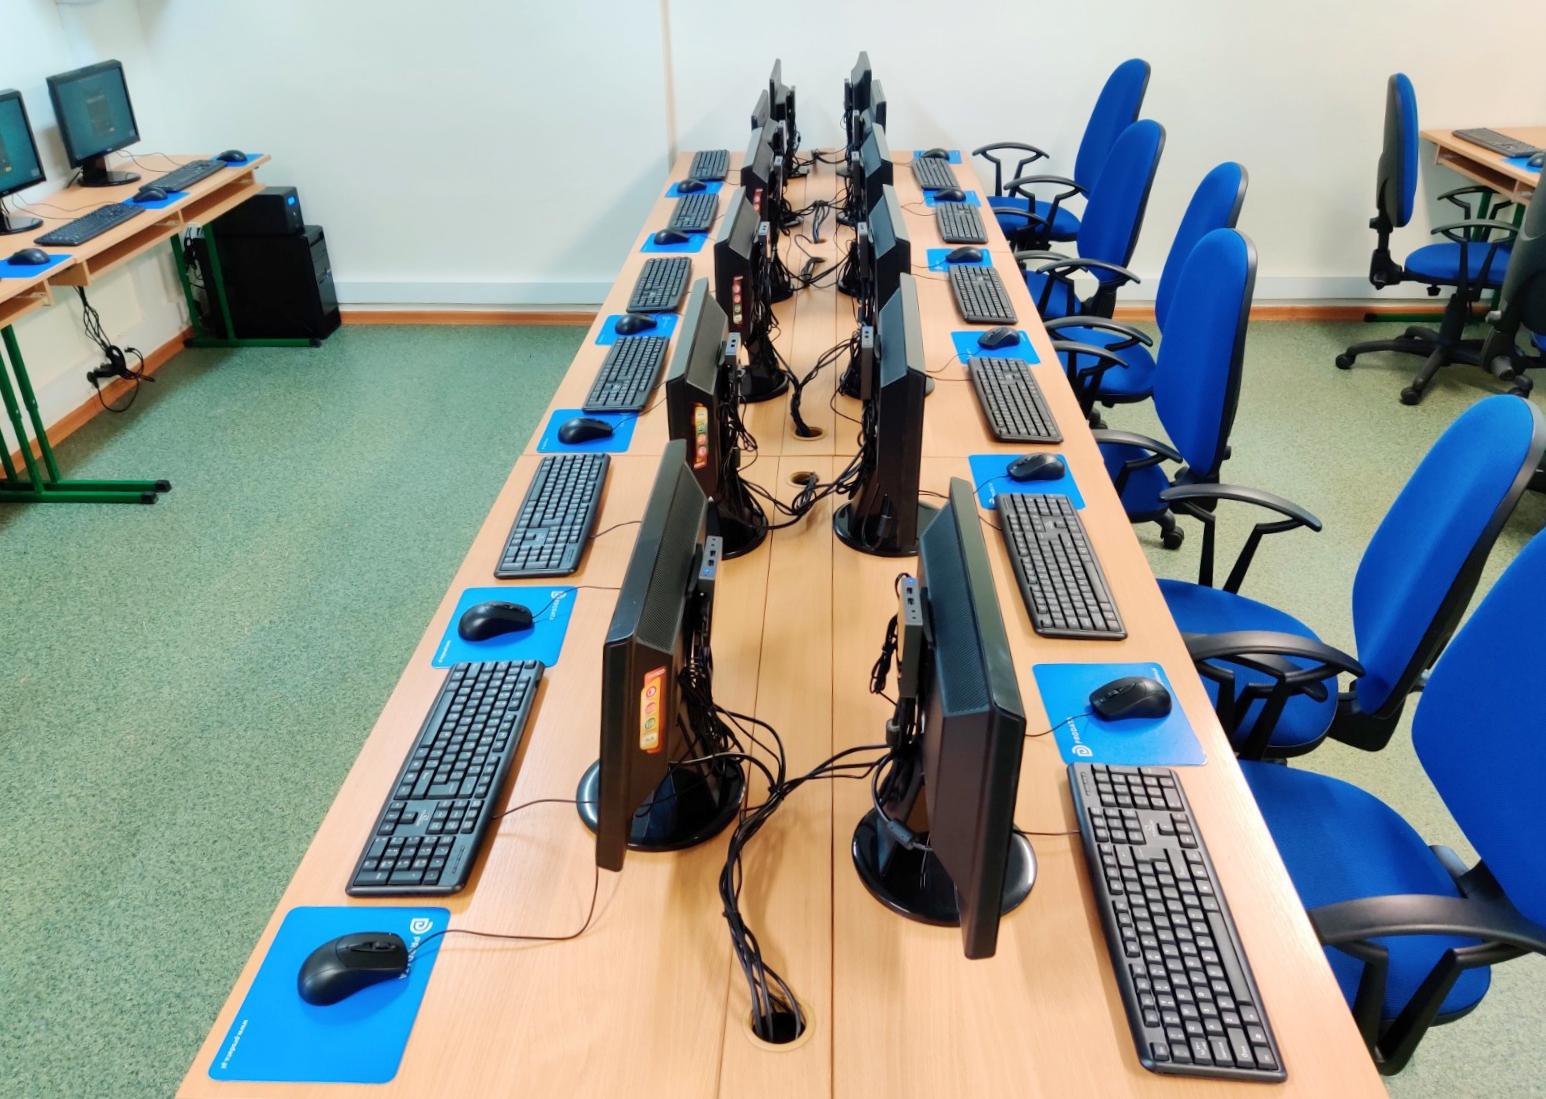 vCloudPoint - technologia terminalowa w Szkole Podstawowej w Gostyniu